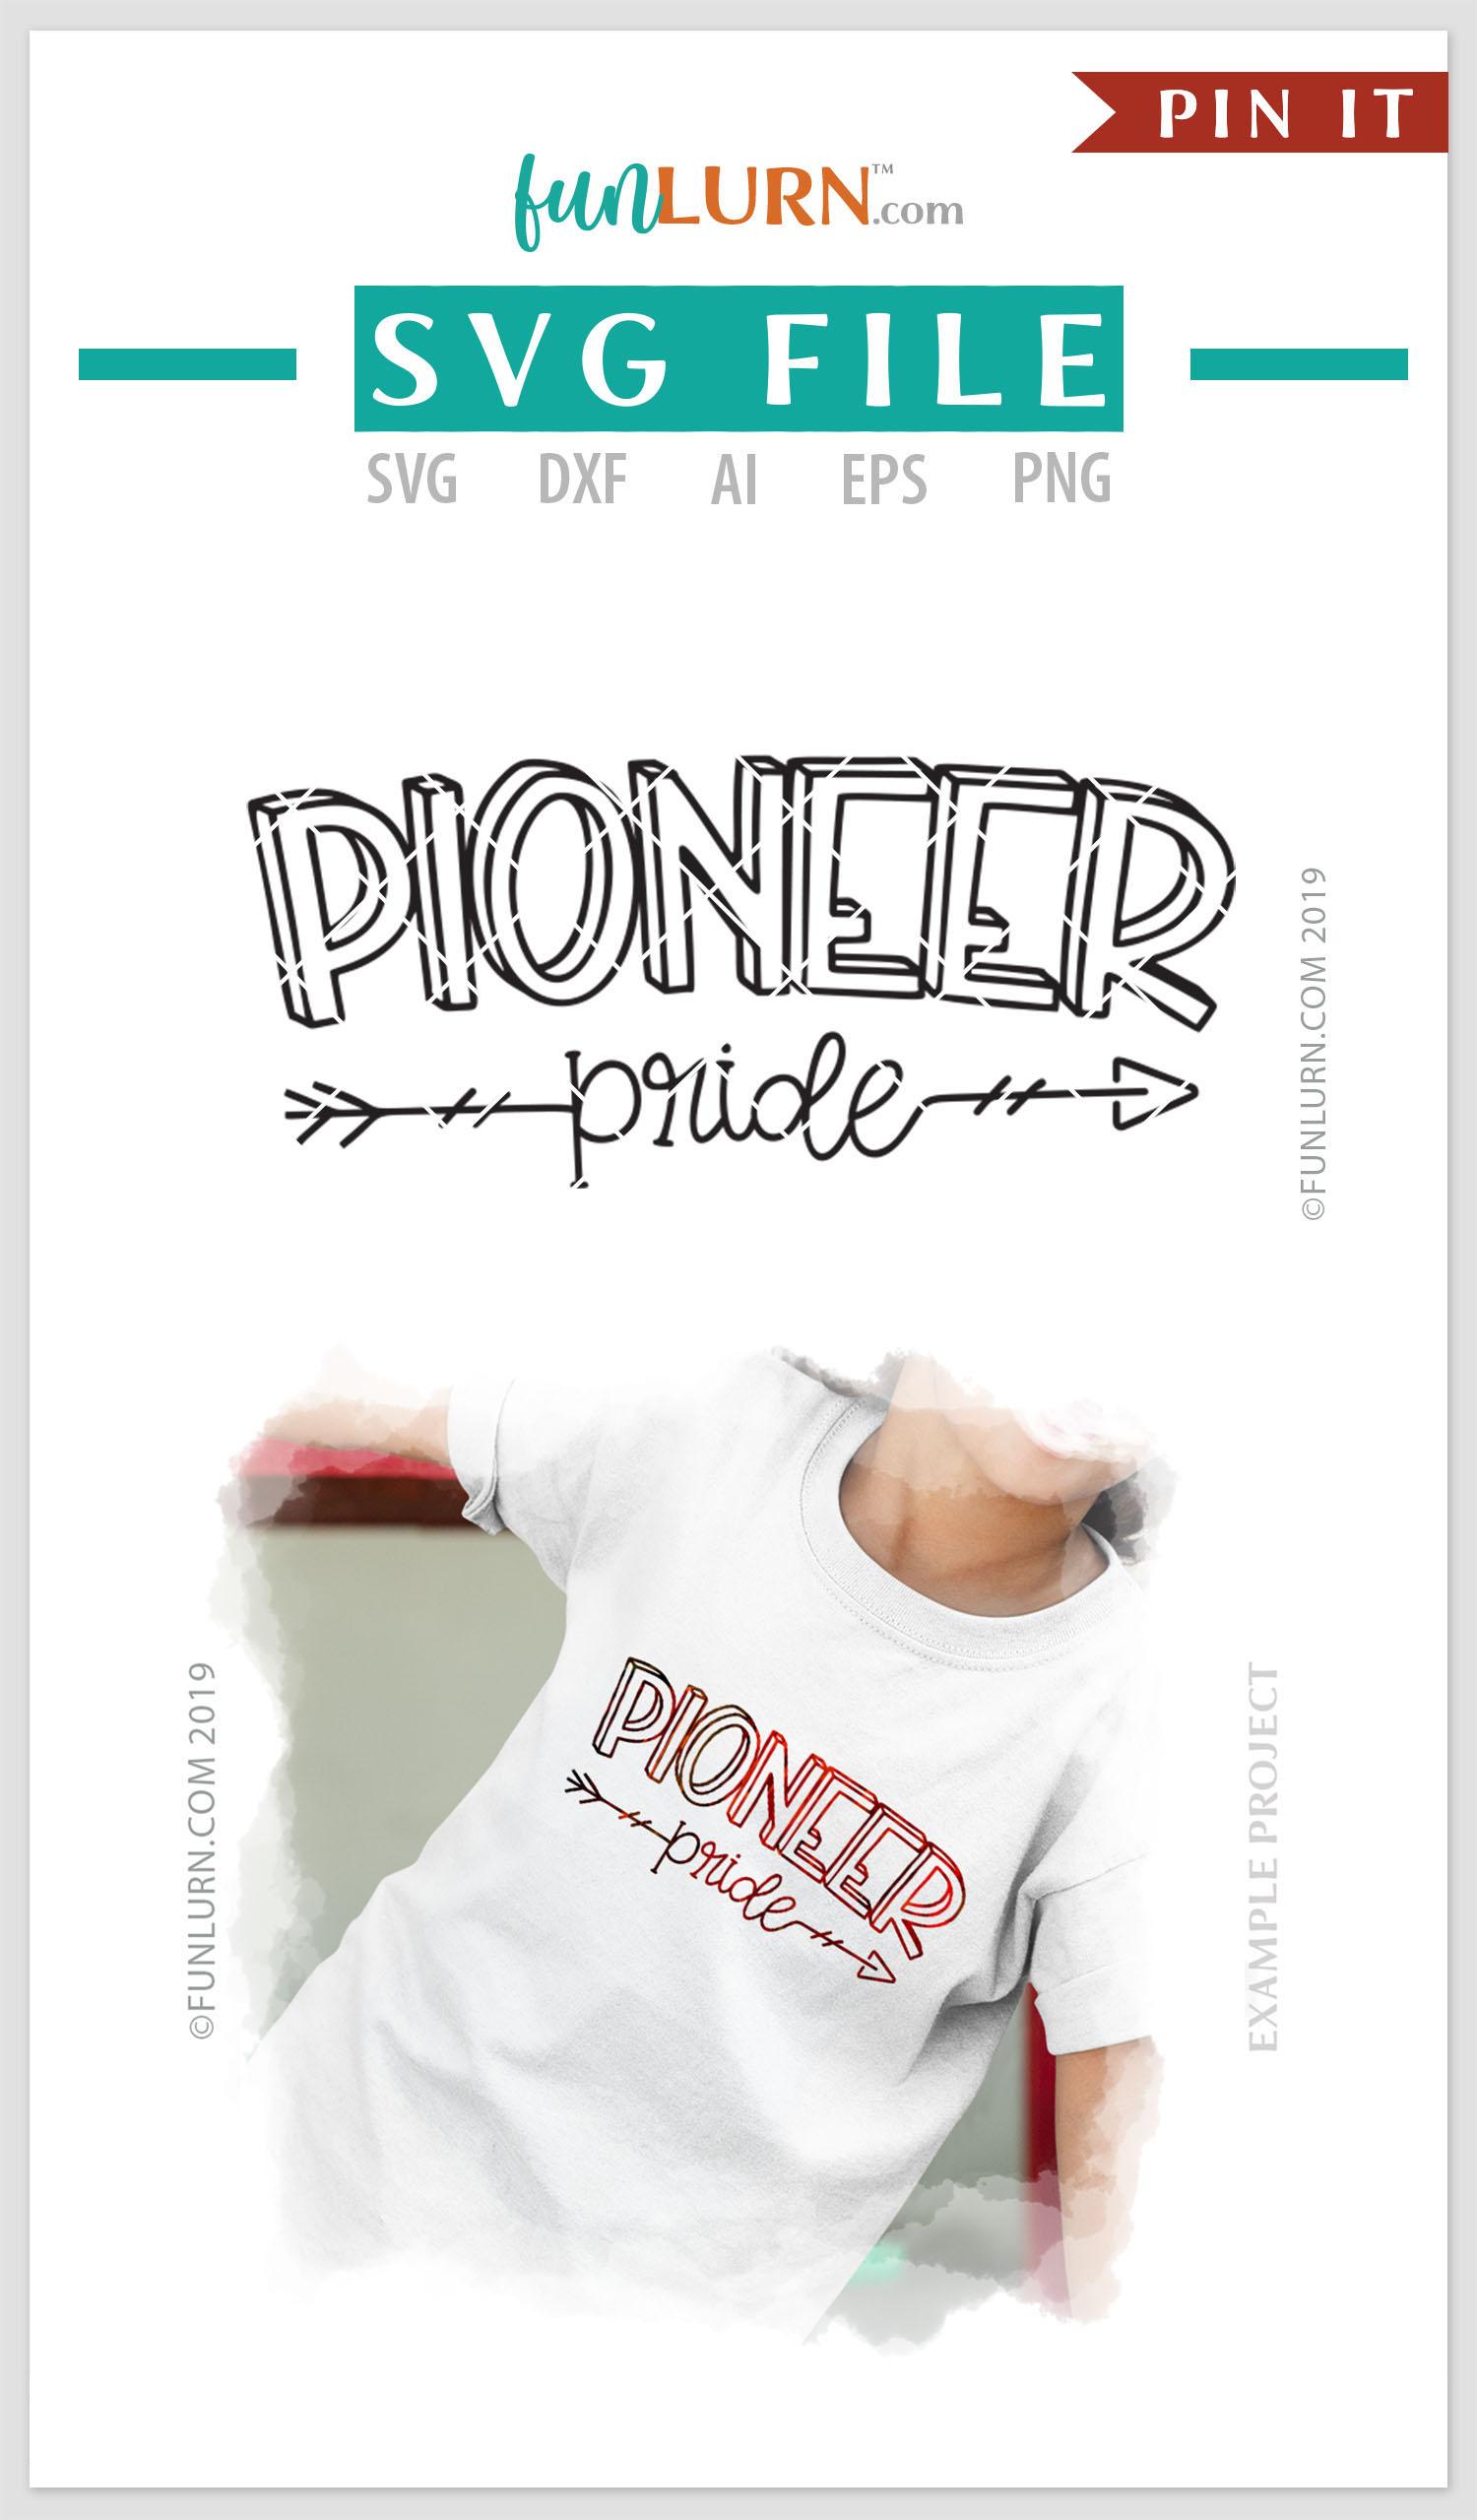 Pioneer Pride Team SVG Cut File example image 4